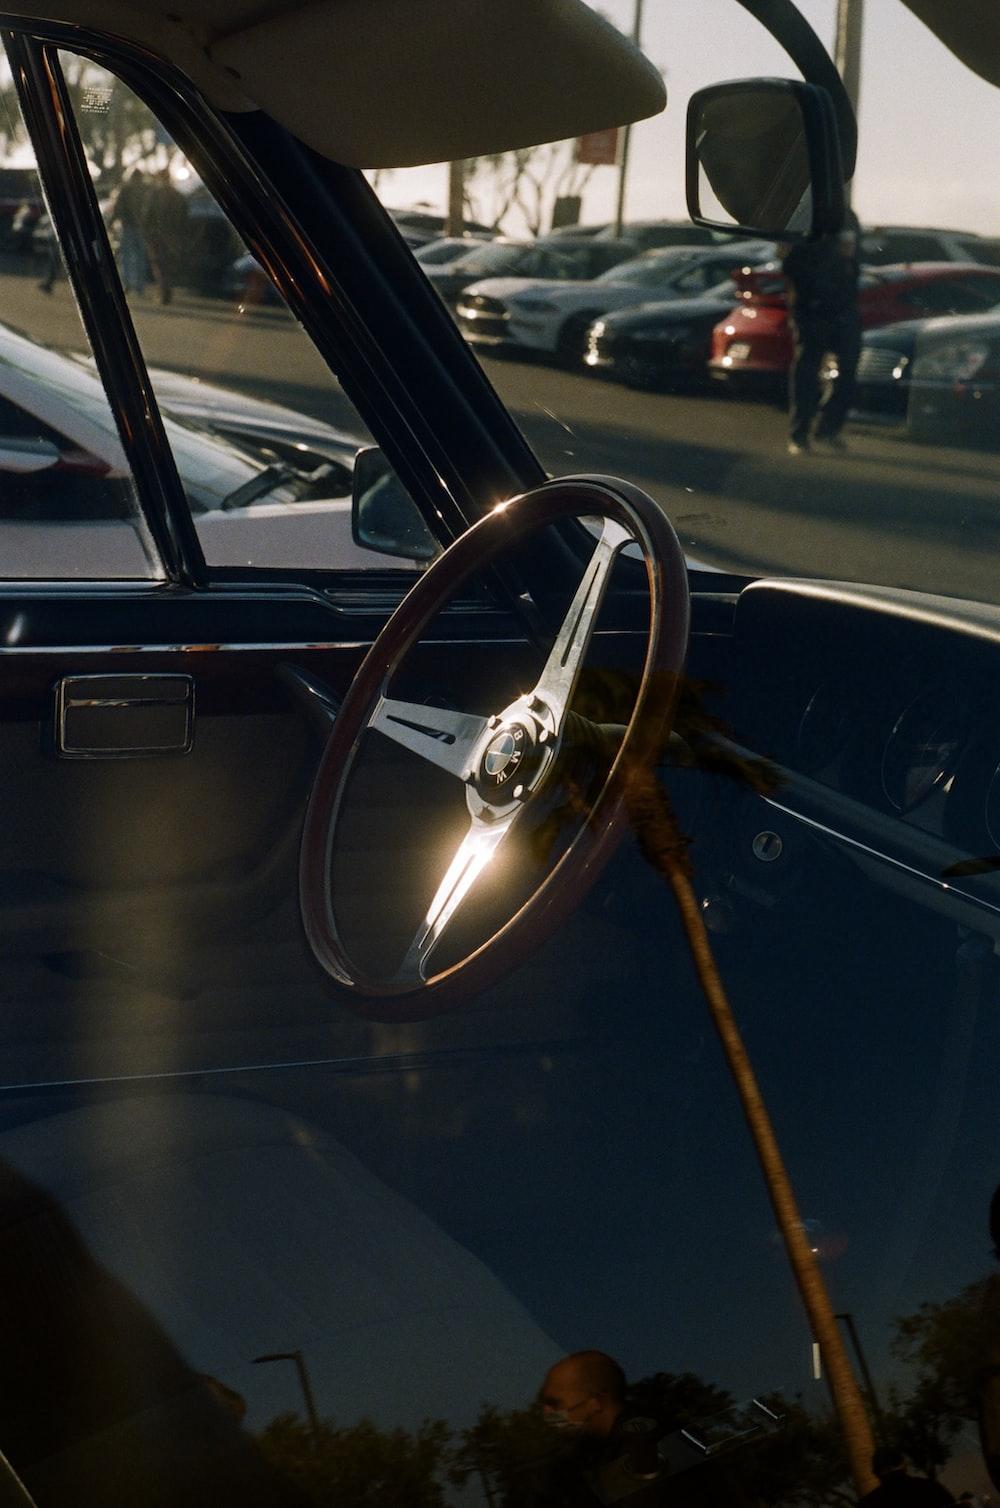 black car with brown steering wheel